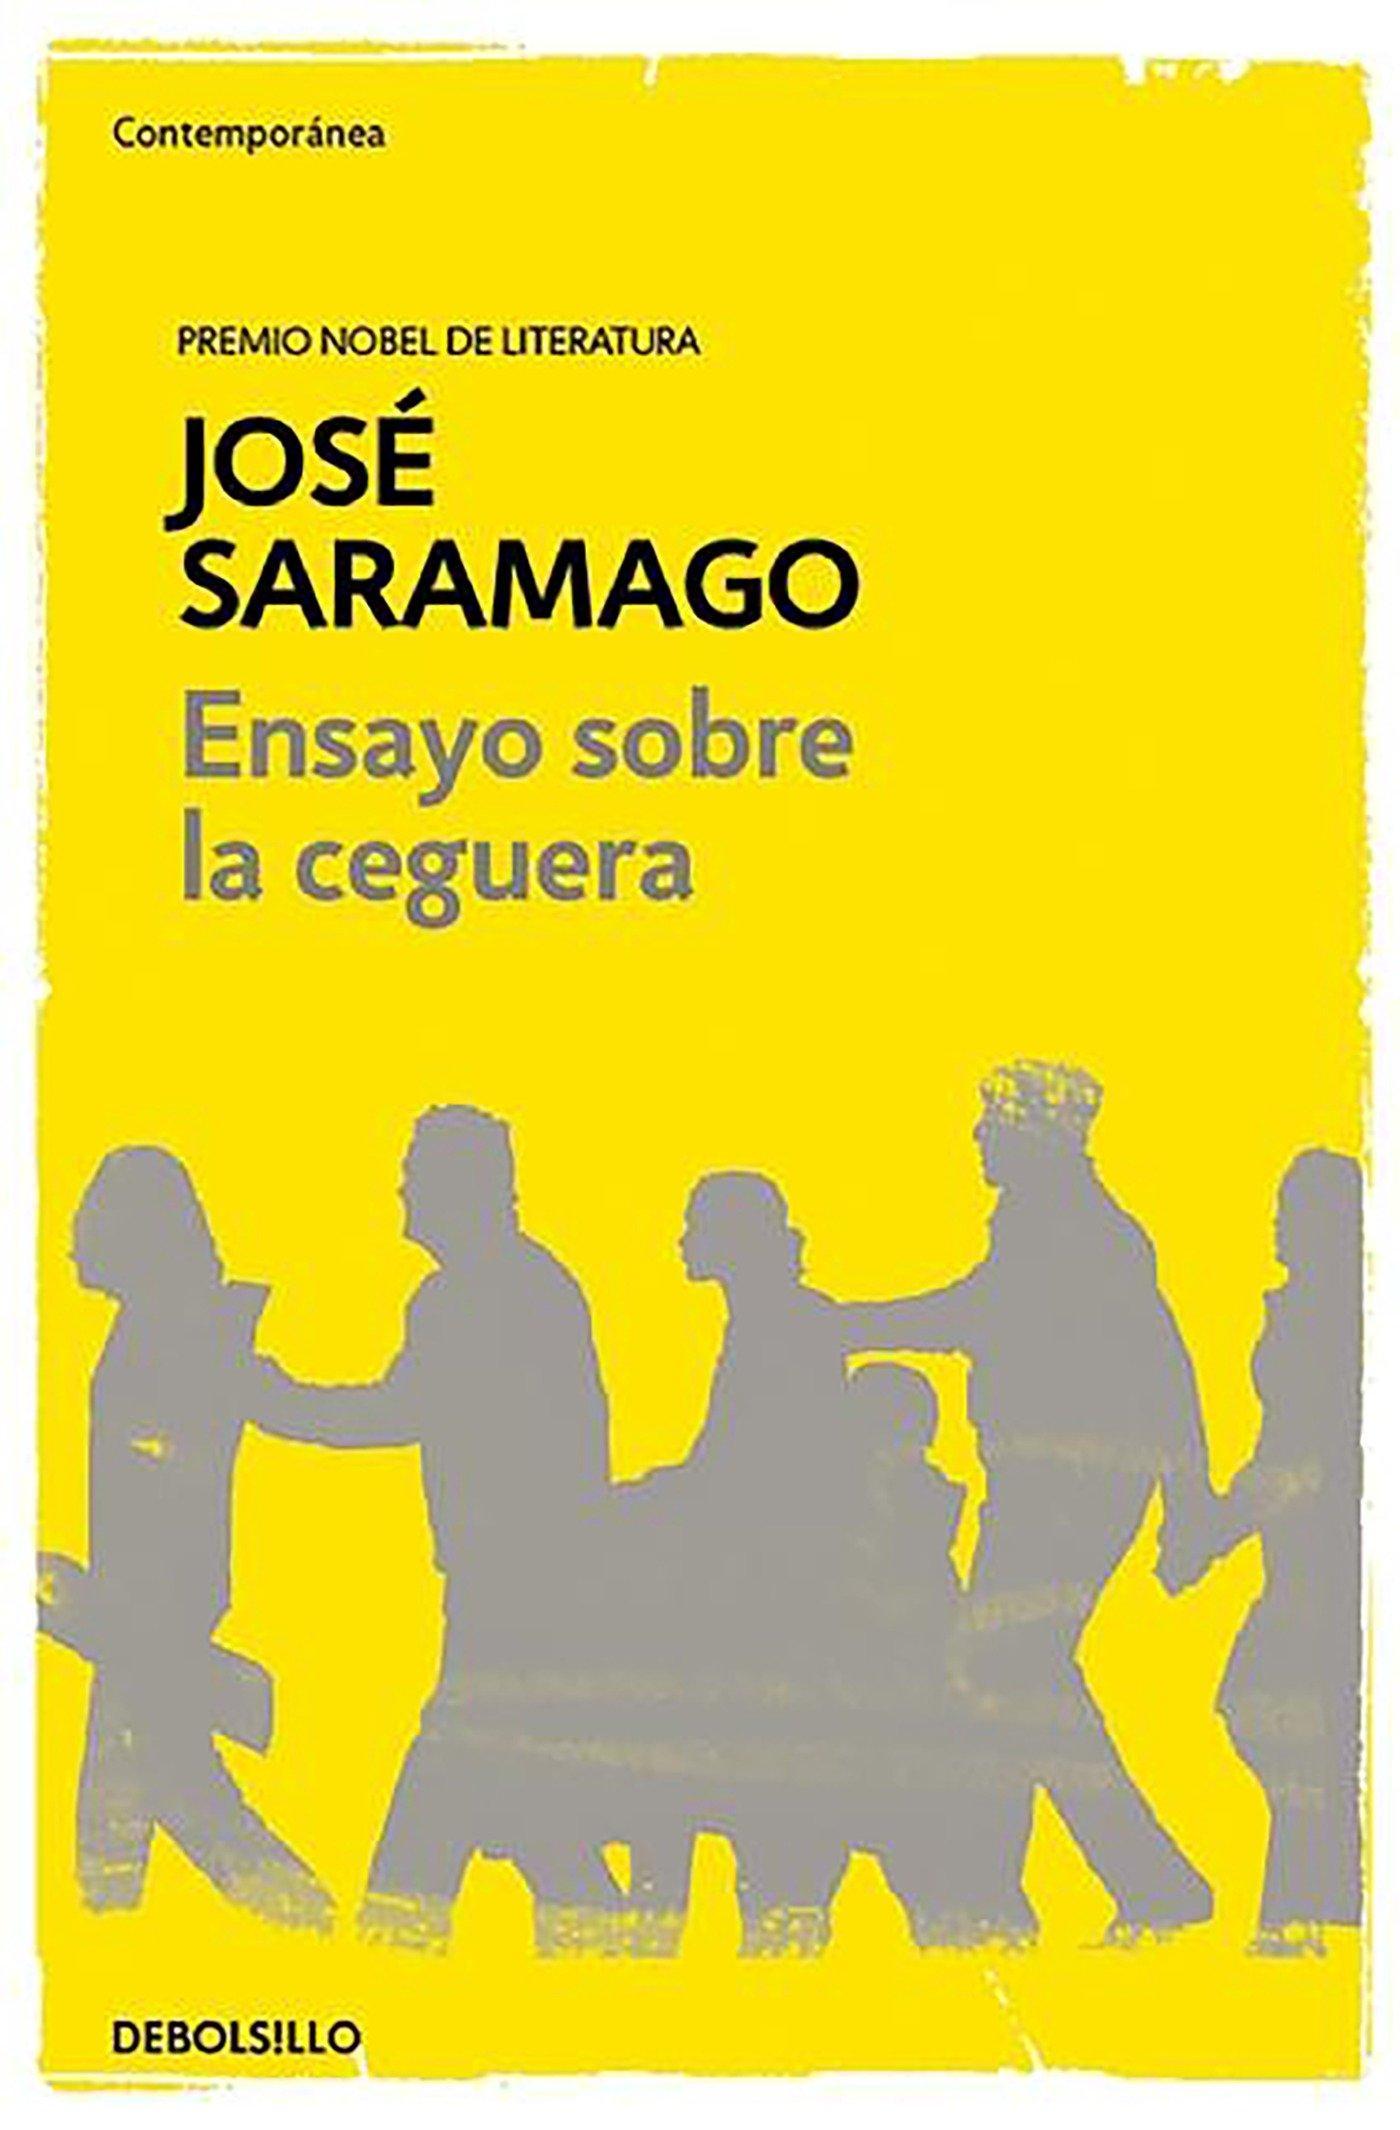 José Saramago ~ Ensayo sobre la ceguera 9788490628720